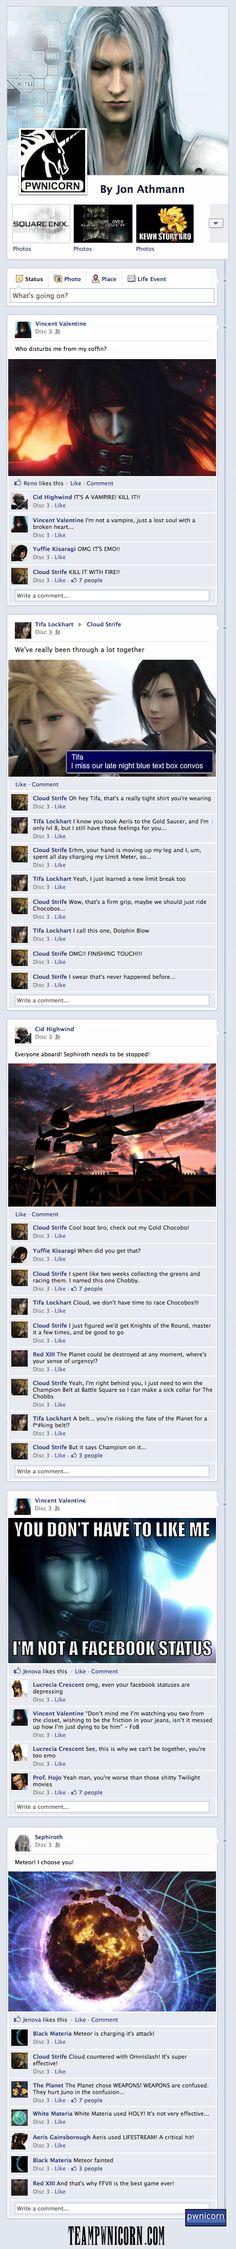 Final Fantasy VII on Facebook (Disc 3)